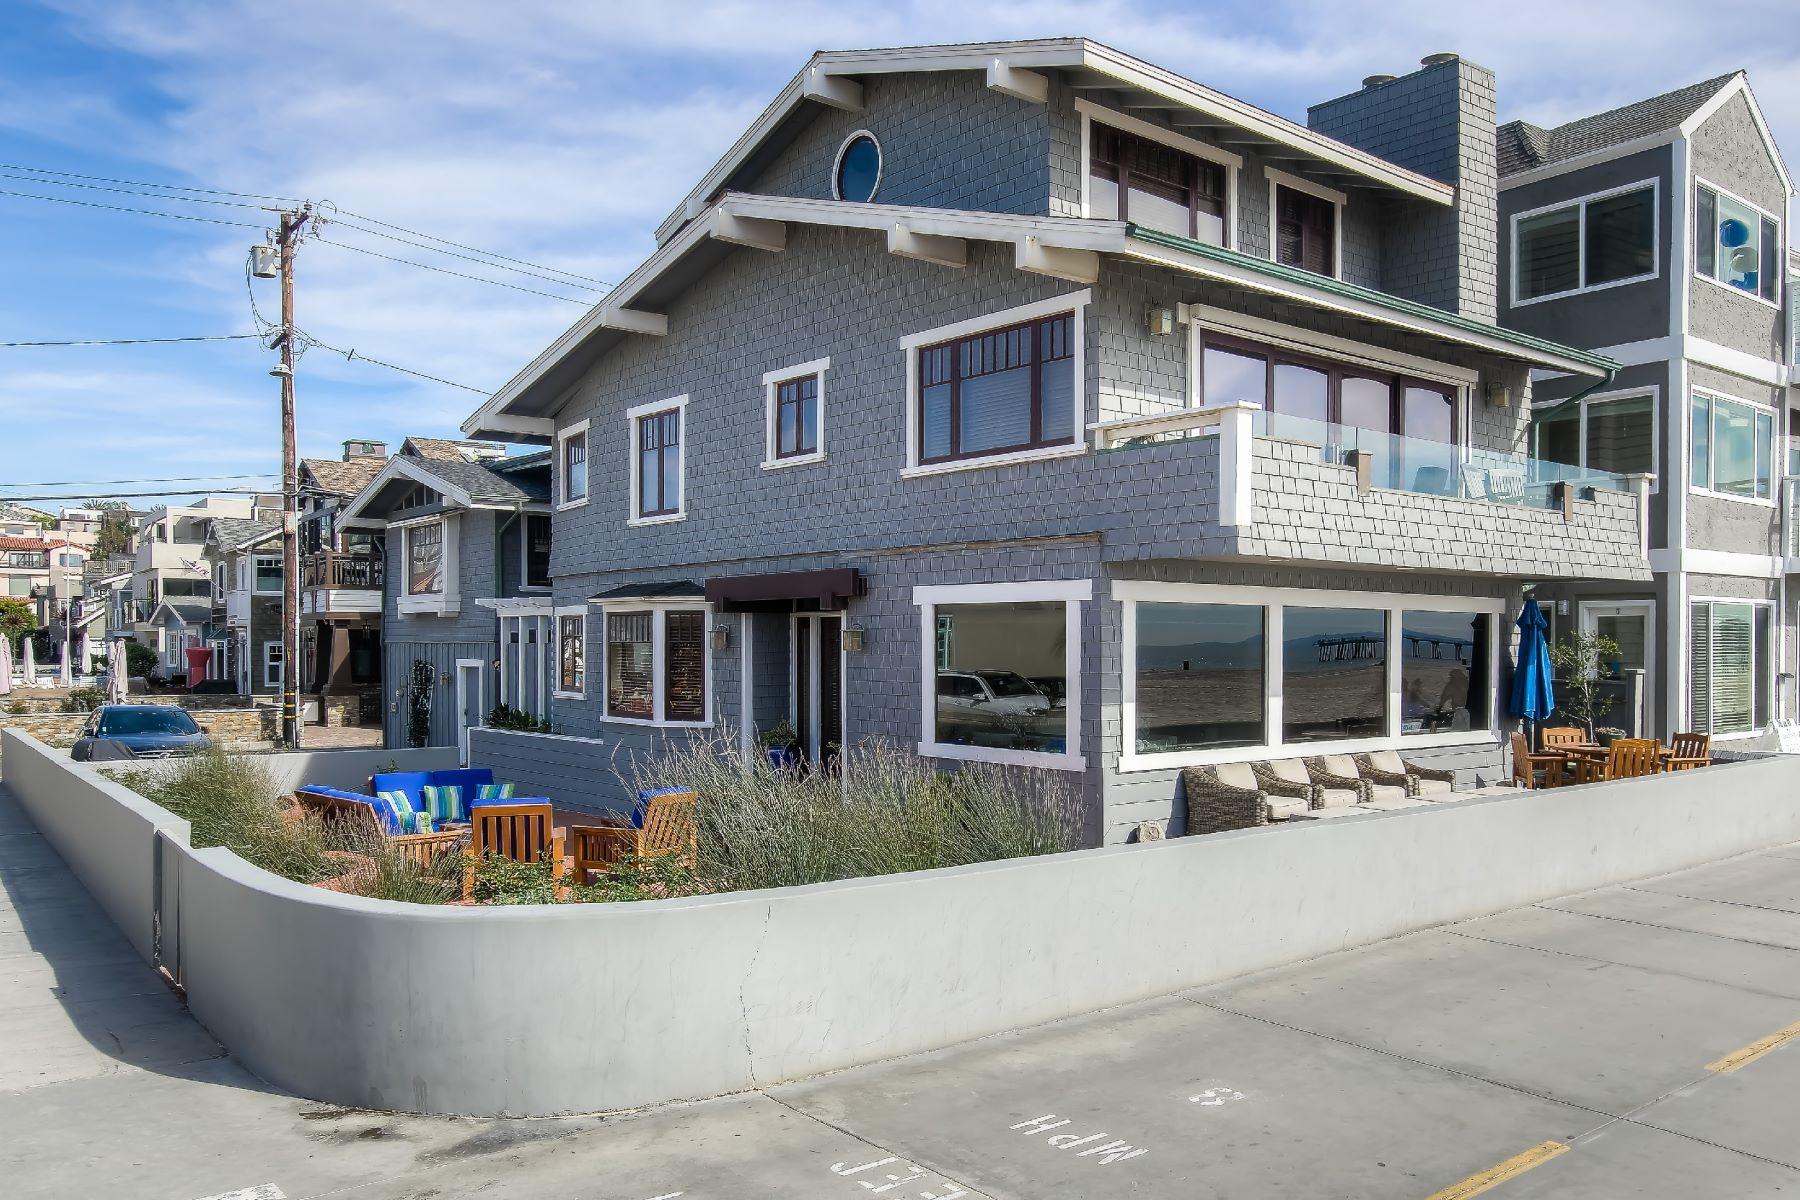 Частный односемейный дом для того Аренда на 1838 The Strand, Hermosa Beach 90254 Hermosa Beach, Калифорния, 90254 Соединенные Штаты